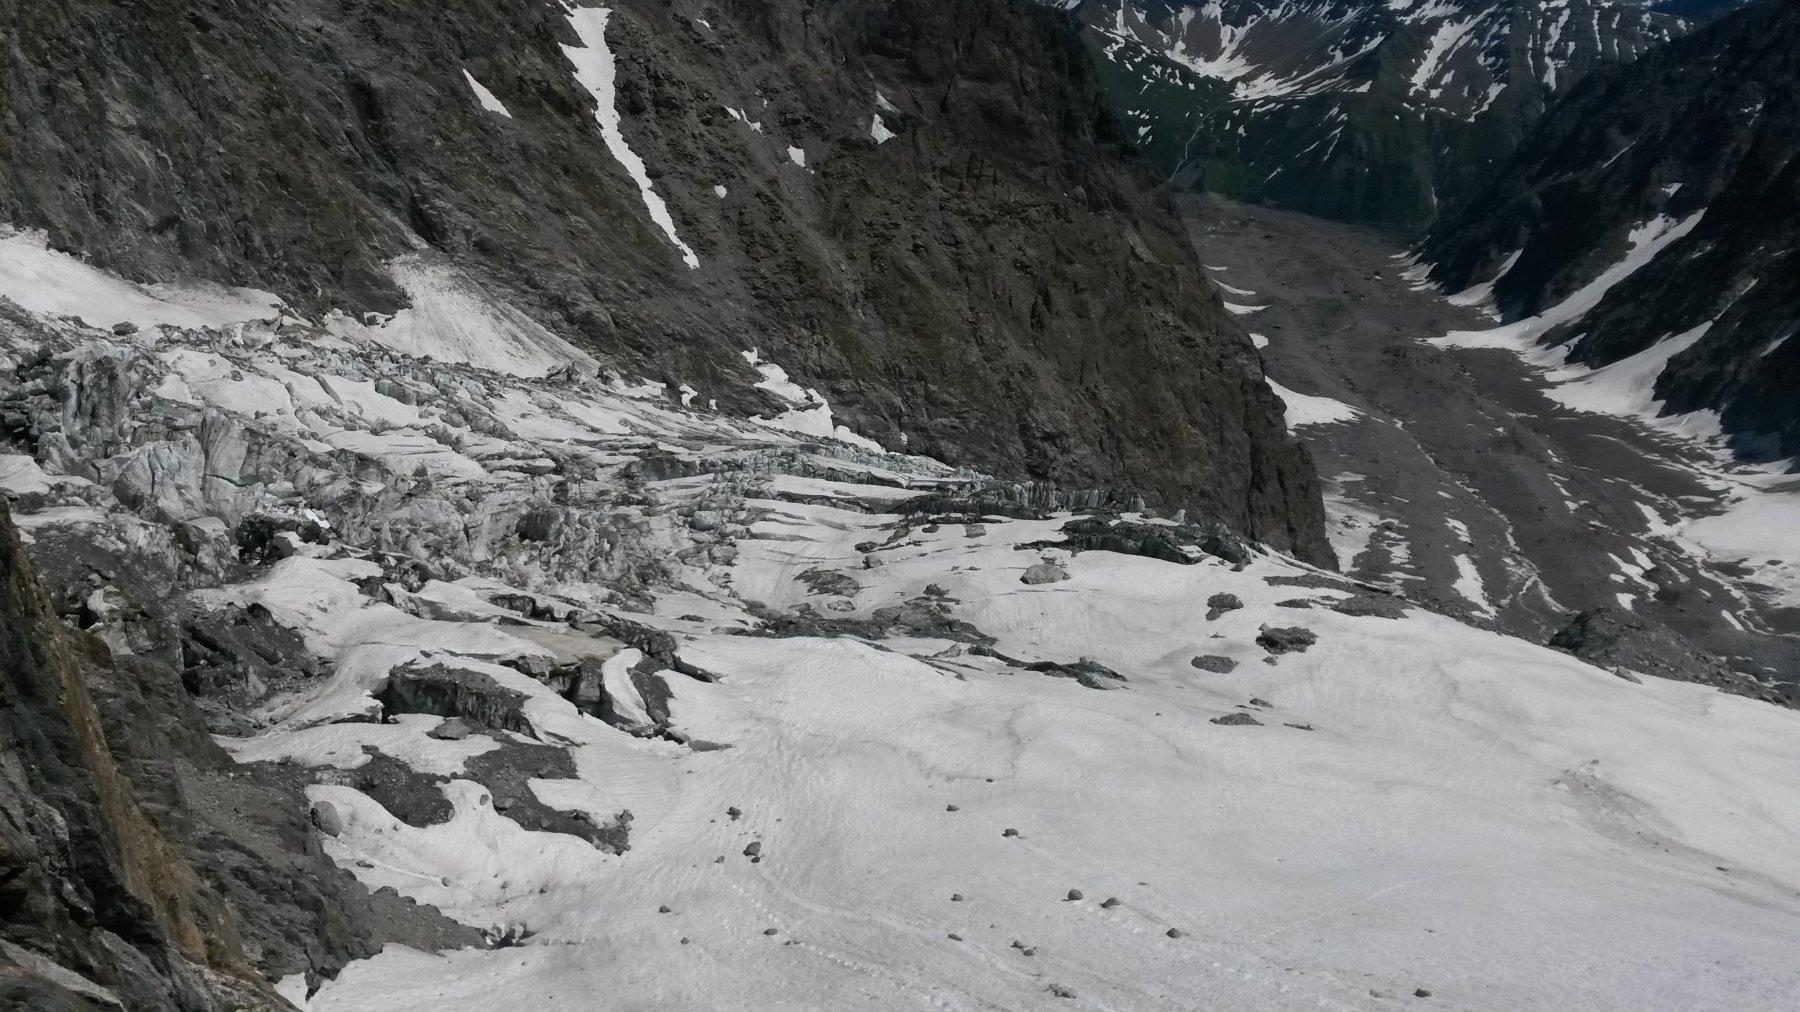 parte bassa del ghiacciaio del Dome e ghiacciaio del Miage visti salendo al Gonella